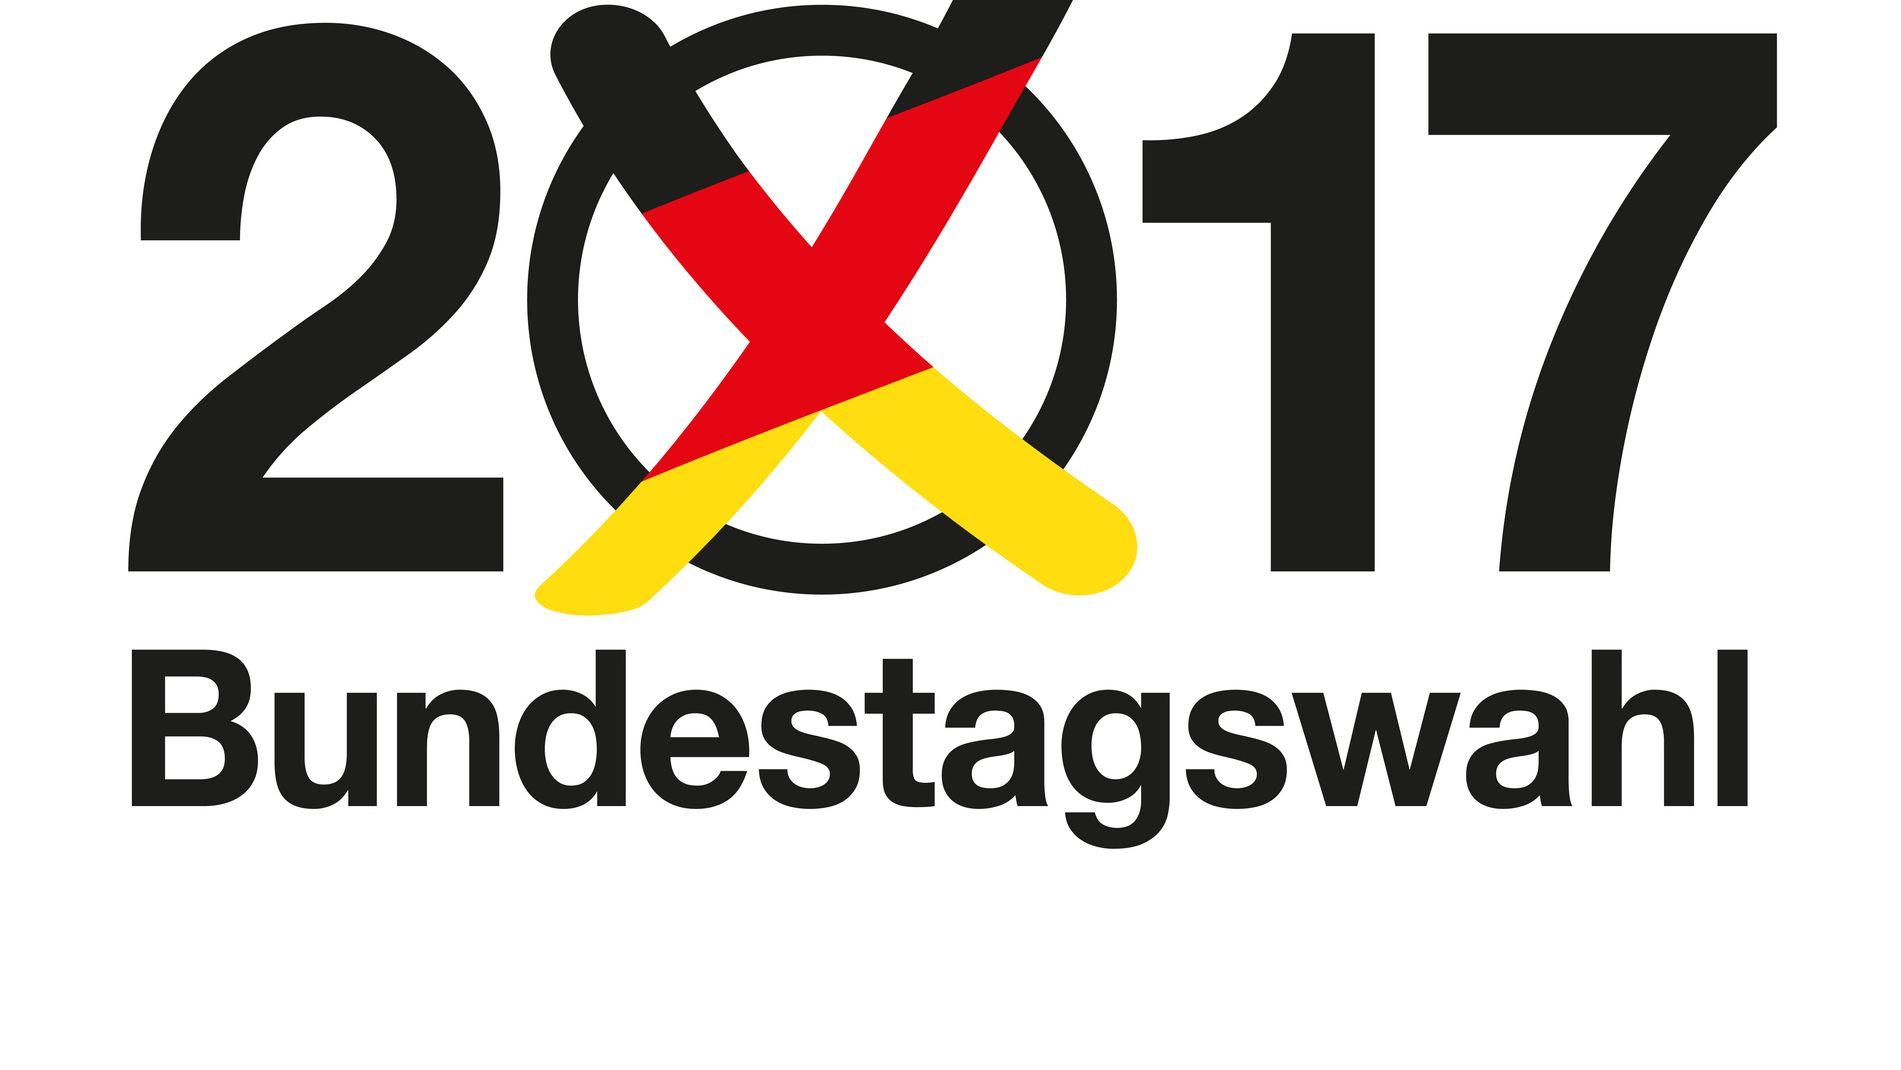 wahlwerbung 2017 was mediaagentur chefs von den deutschen parteien erwarten. Black Bedroom Furniture Sets. Home Design Ideas